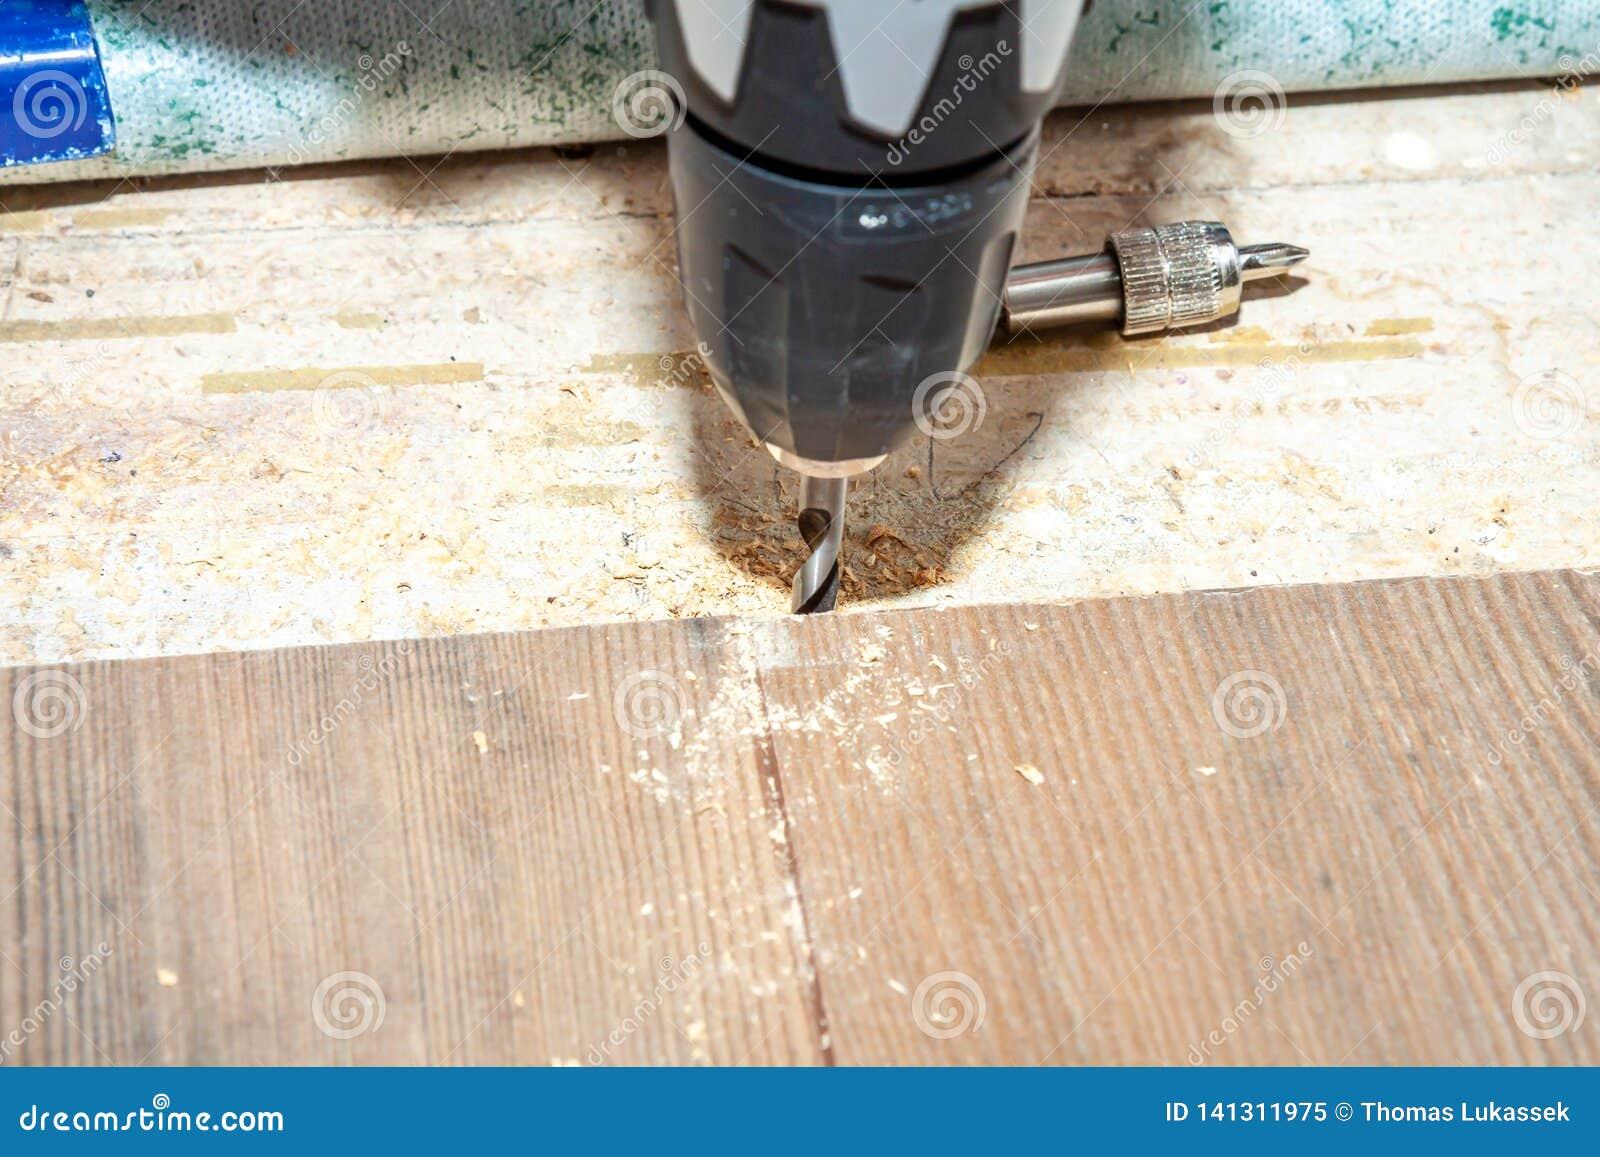 Άτομο που χρησιμοποιεί τη μηχανή τρυπανιών εγκαθιστώντας το νέο ξύλινο φυλλόμορφο δάπεδο στο σπίτι